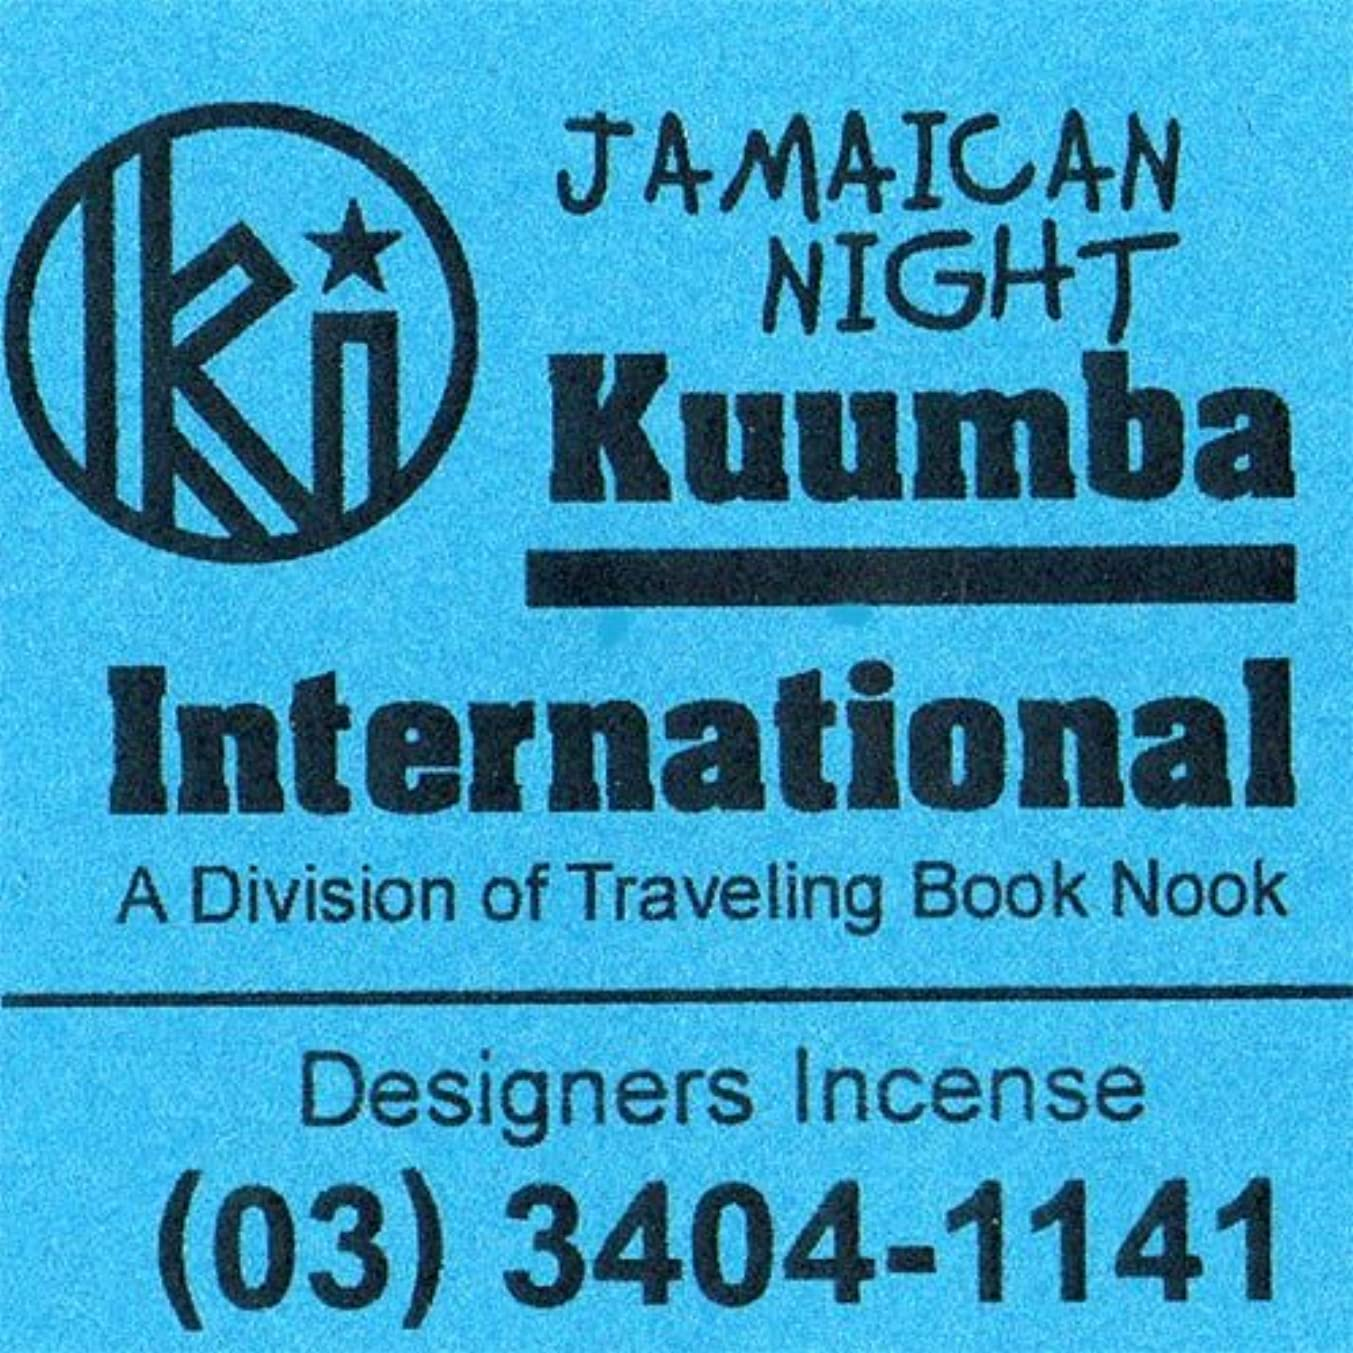 所得切り下げ敬礼KUUMBA / クンバ『incense』(JAMAICAN NIGHT) (Regular size)